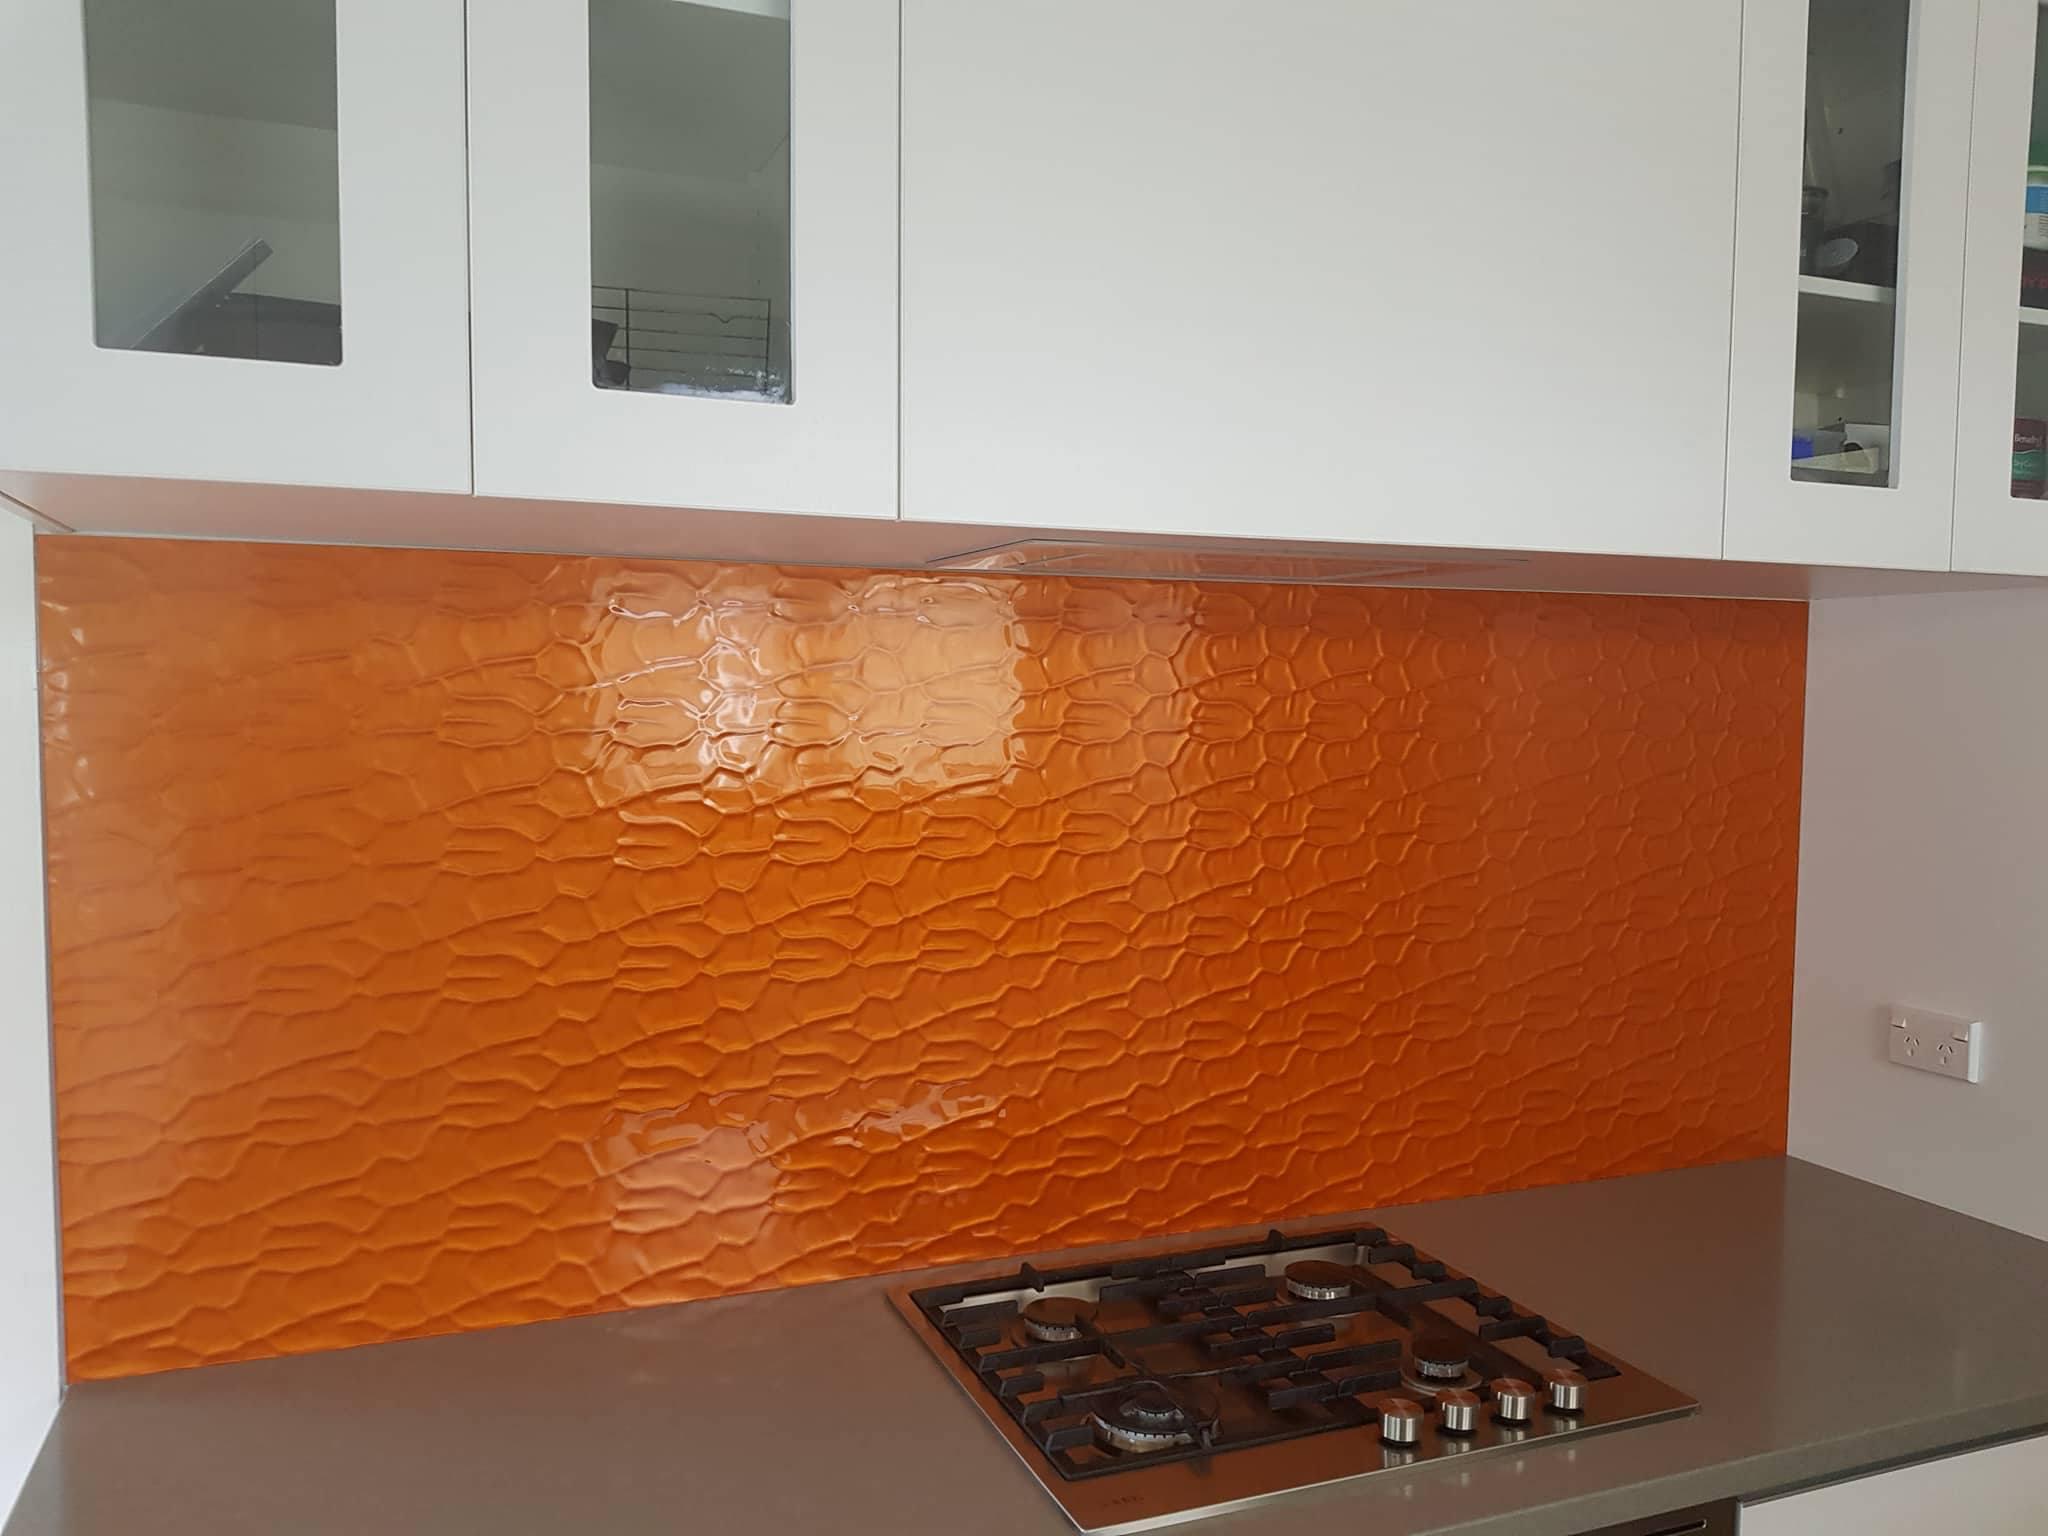 Flemish Glass Splashback